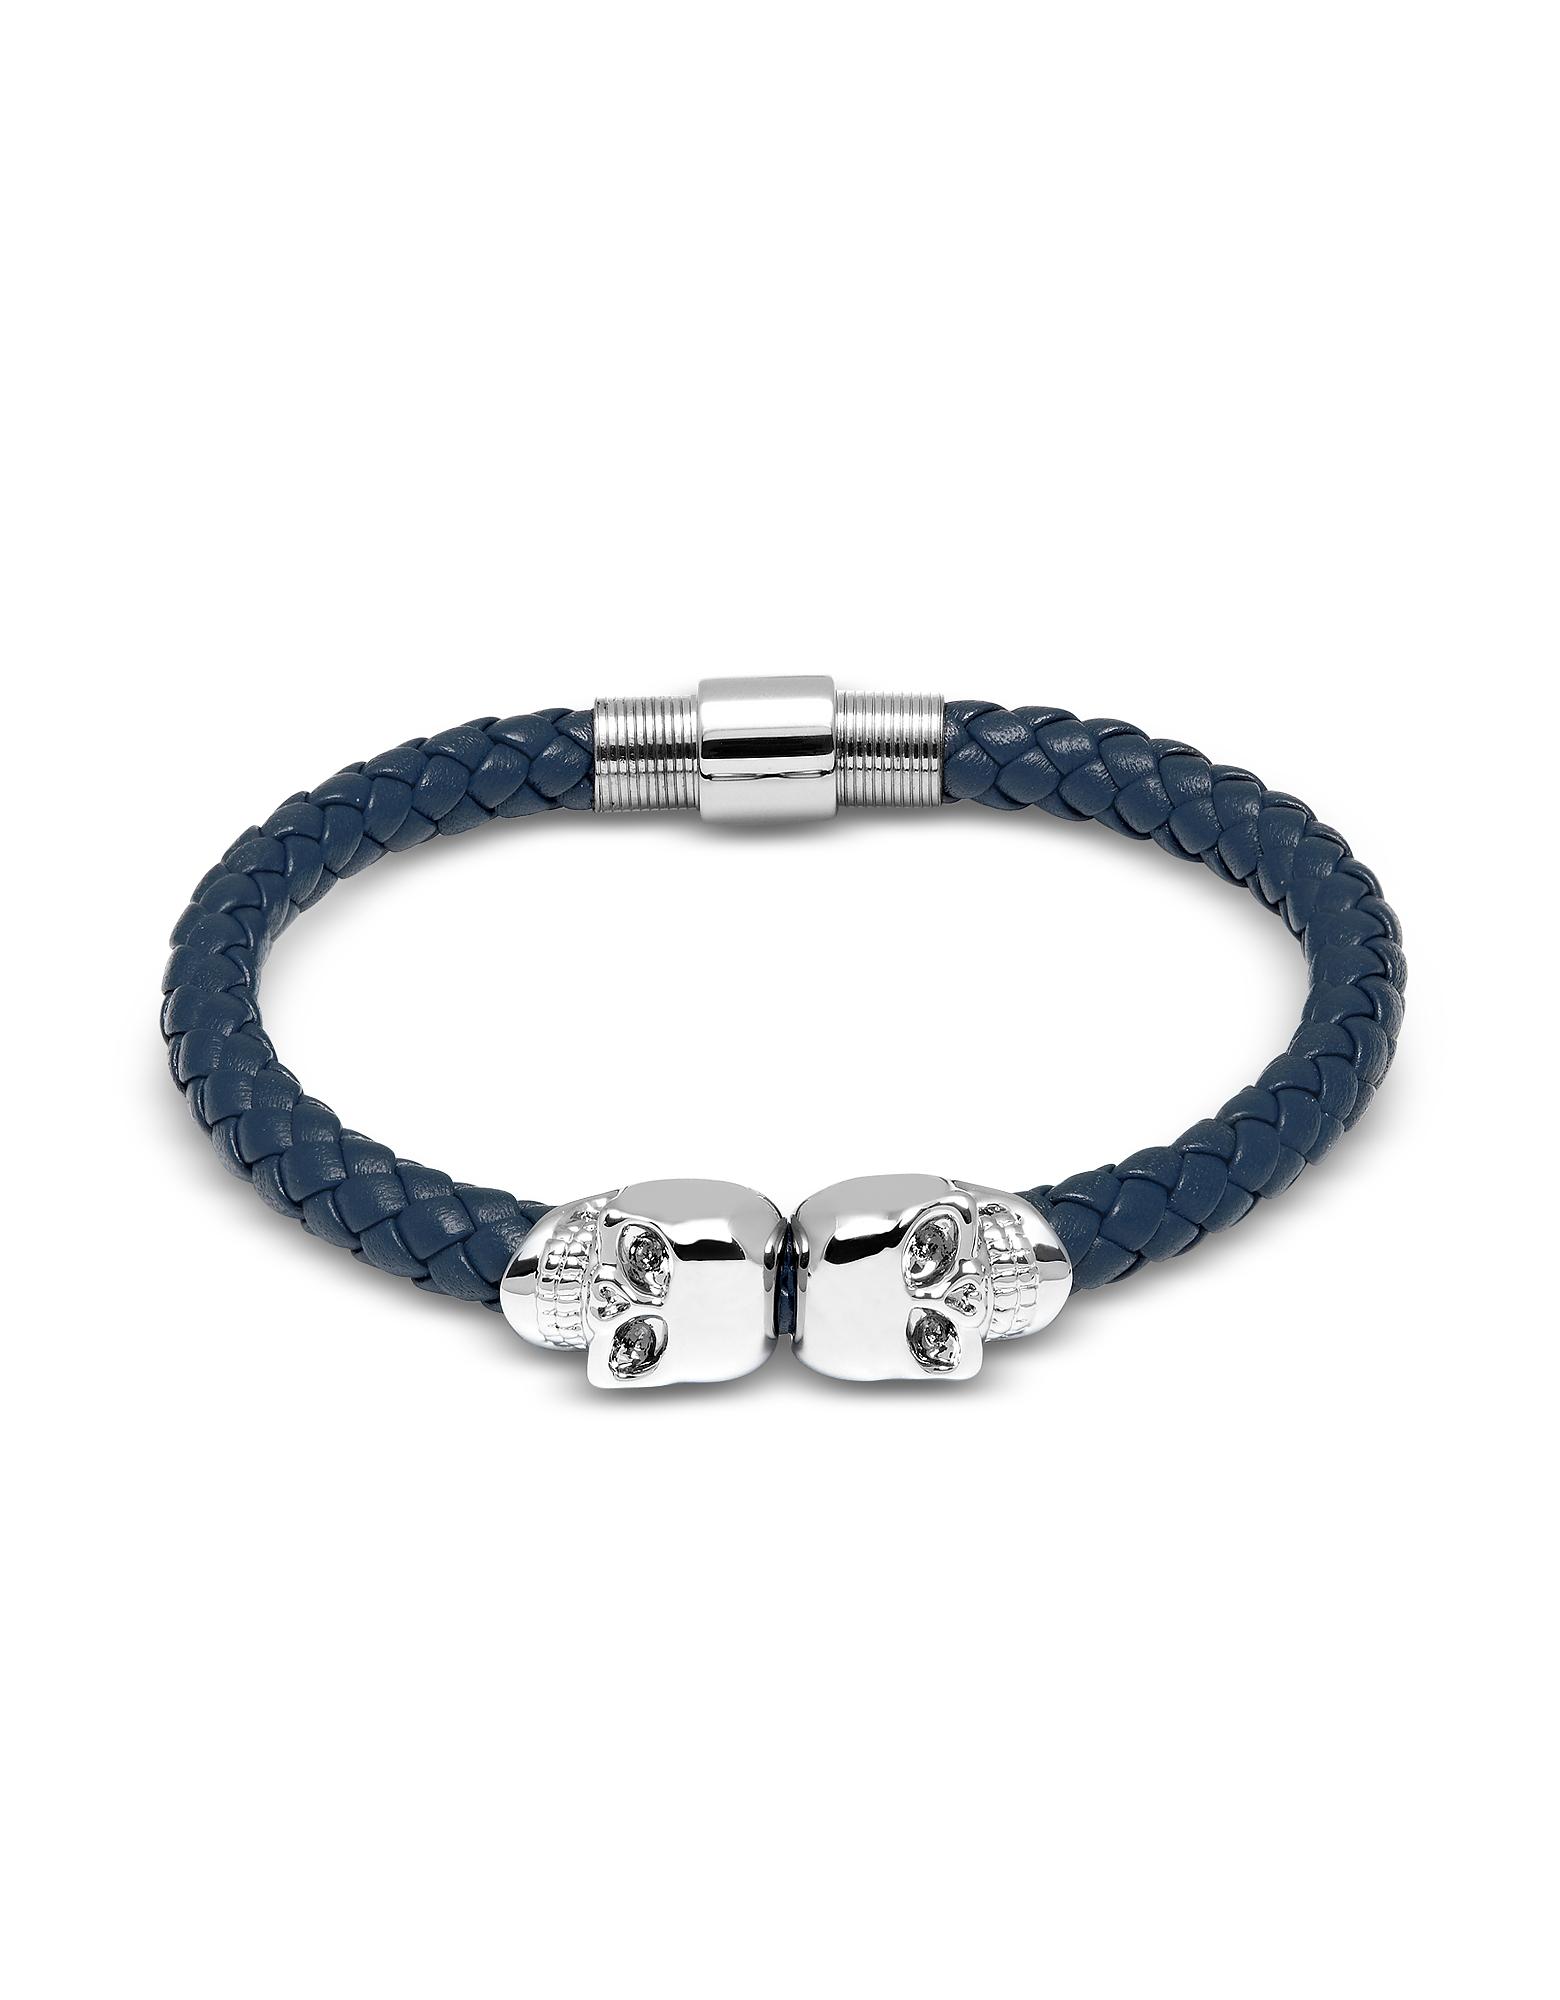 Denim Blue Nappa Leather W/ Silver Twin Skull Bracelet